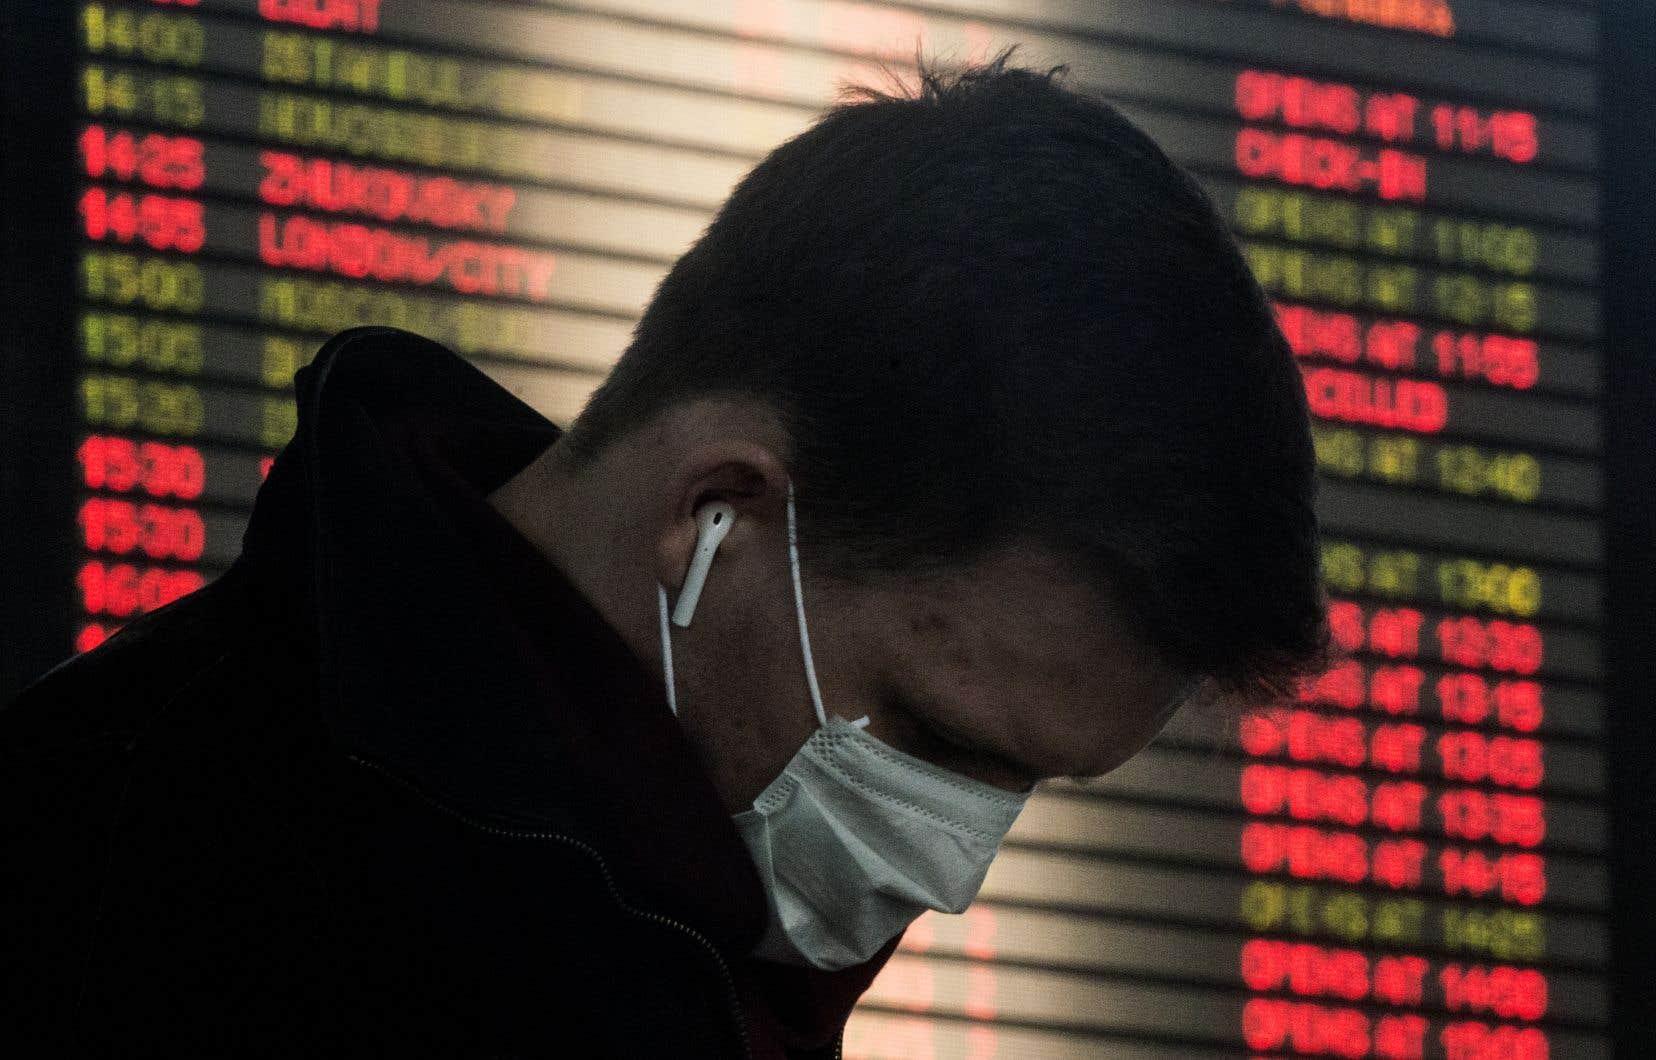 Face à la multiplication des mesures de confinement et aux nombreux plans de soutiens à l'économie annoncés sans coordination par divers gouvernements et banques centrales, la panique avait complètement emporté les marchés jeudi.